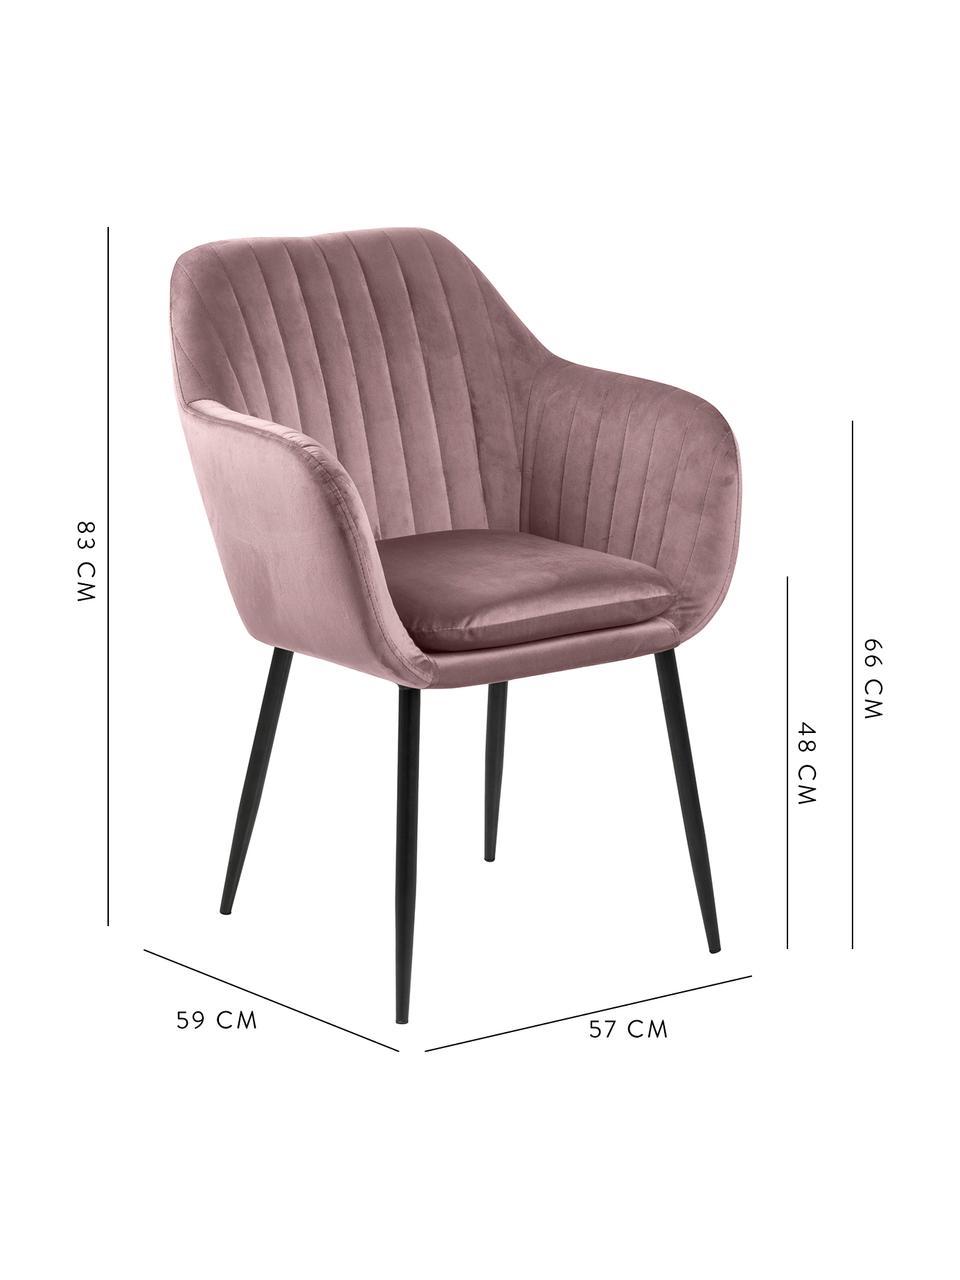 Chaise velours rose avec accoudoirs Emilia, Velours rose, pieds noir